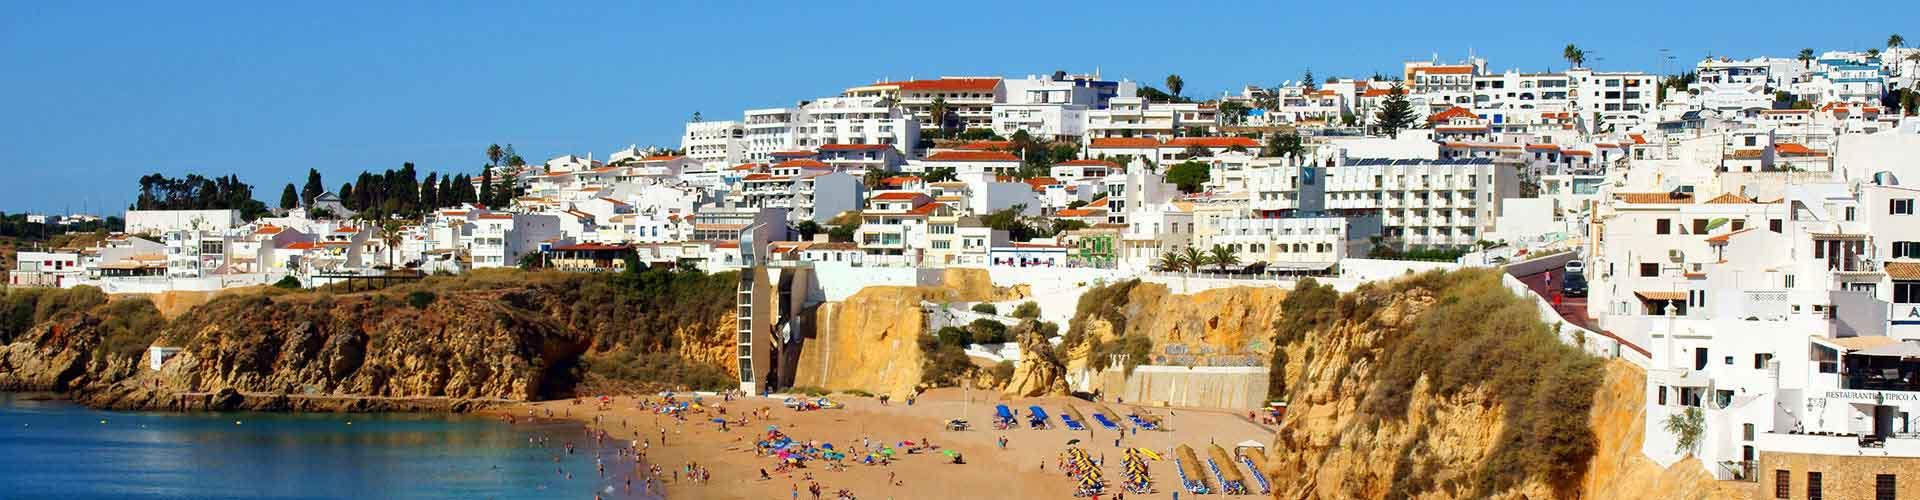 Faro - Auberges de jeunesse à Faro. Cartes pour Faro, photos et commentaires pour chaque auberge de jeunesse à Faro.